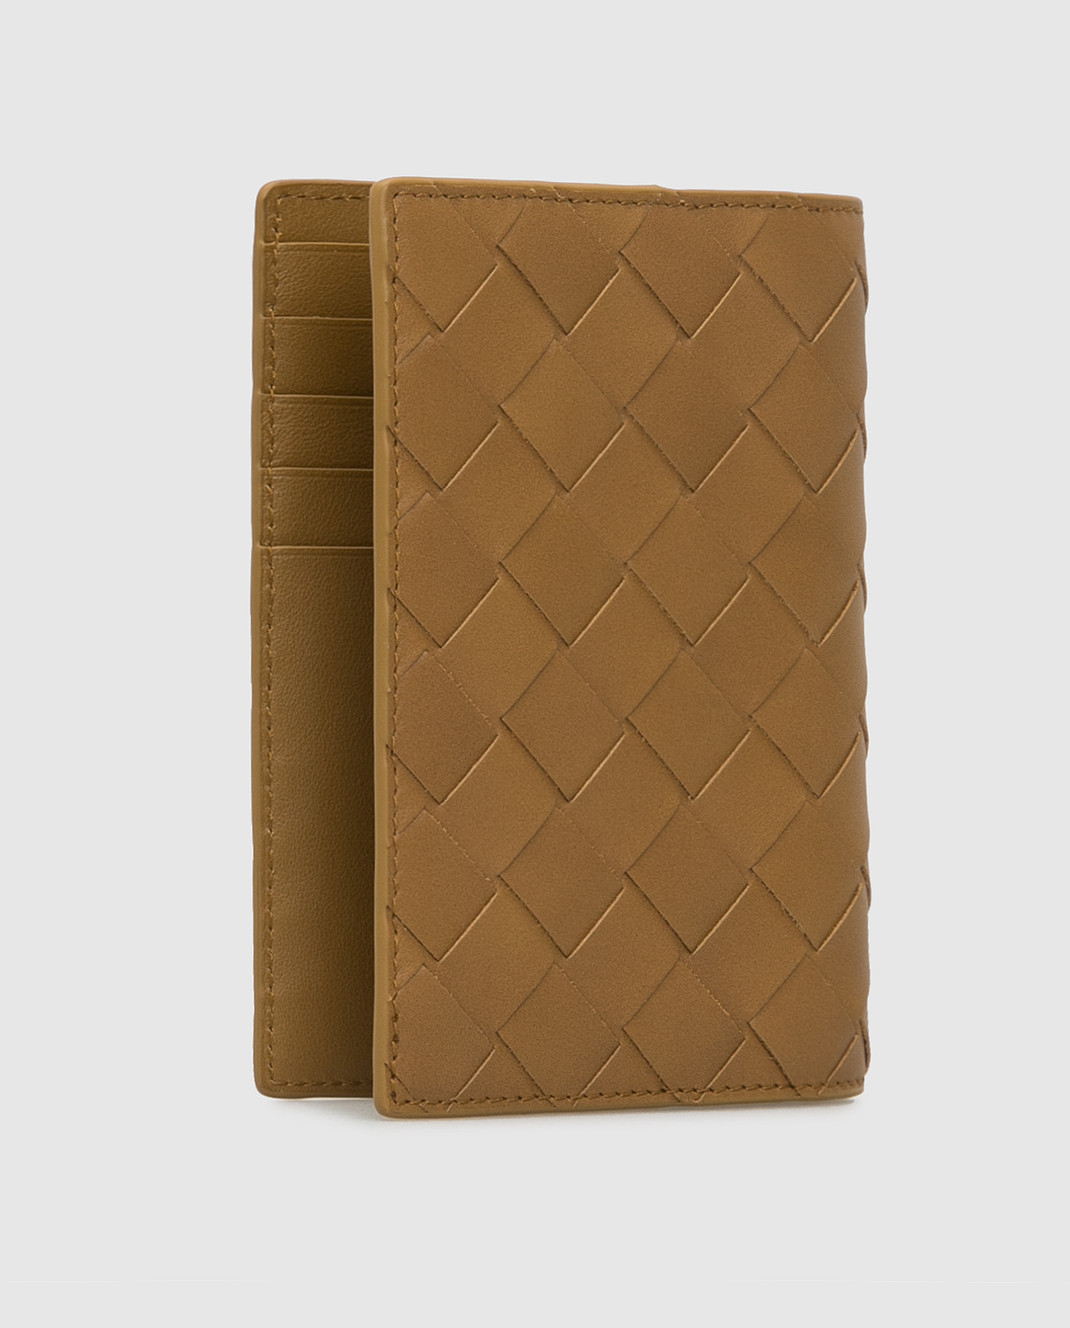 Bottega Veneta Горчичная кожаная обложка для паспорта изображение 2